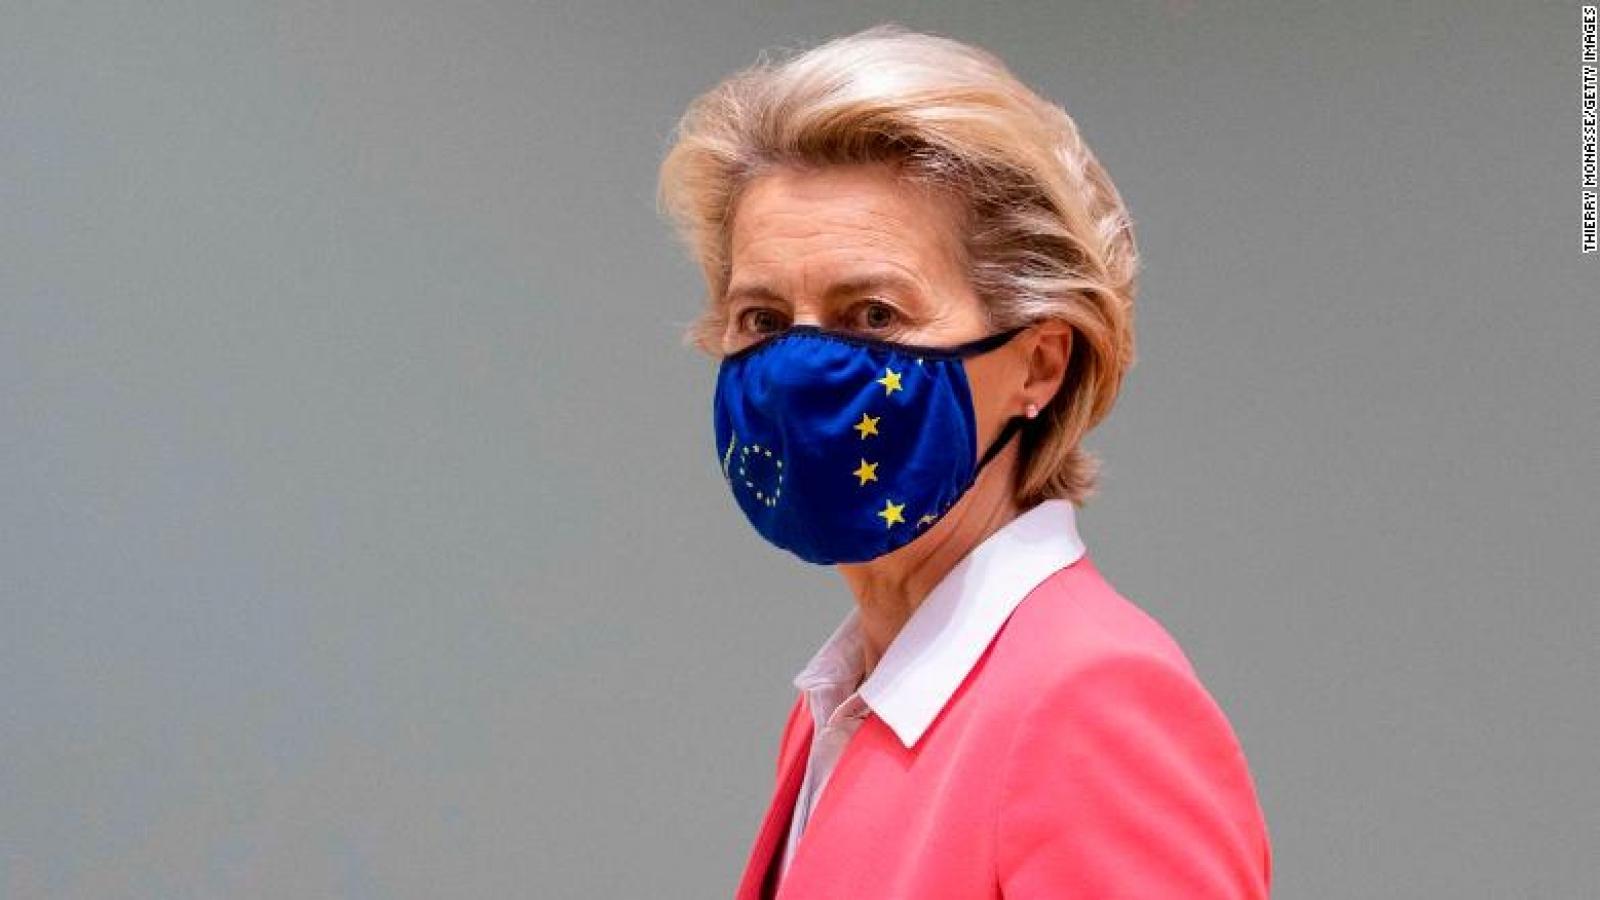 Chủ tịch Ủy ban châu Âu tự cách ly sau khi dự cuộc họp có người mắc Covid-19